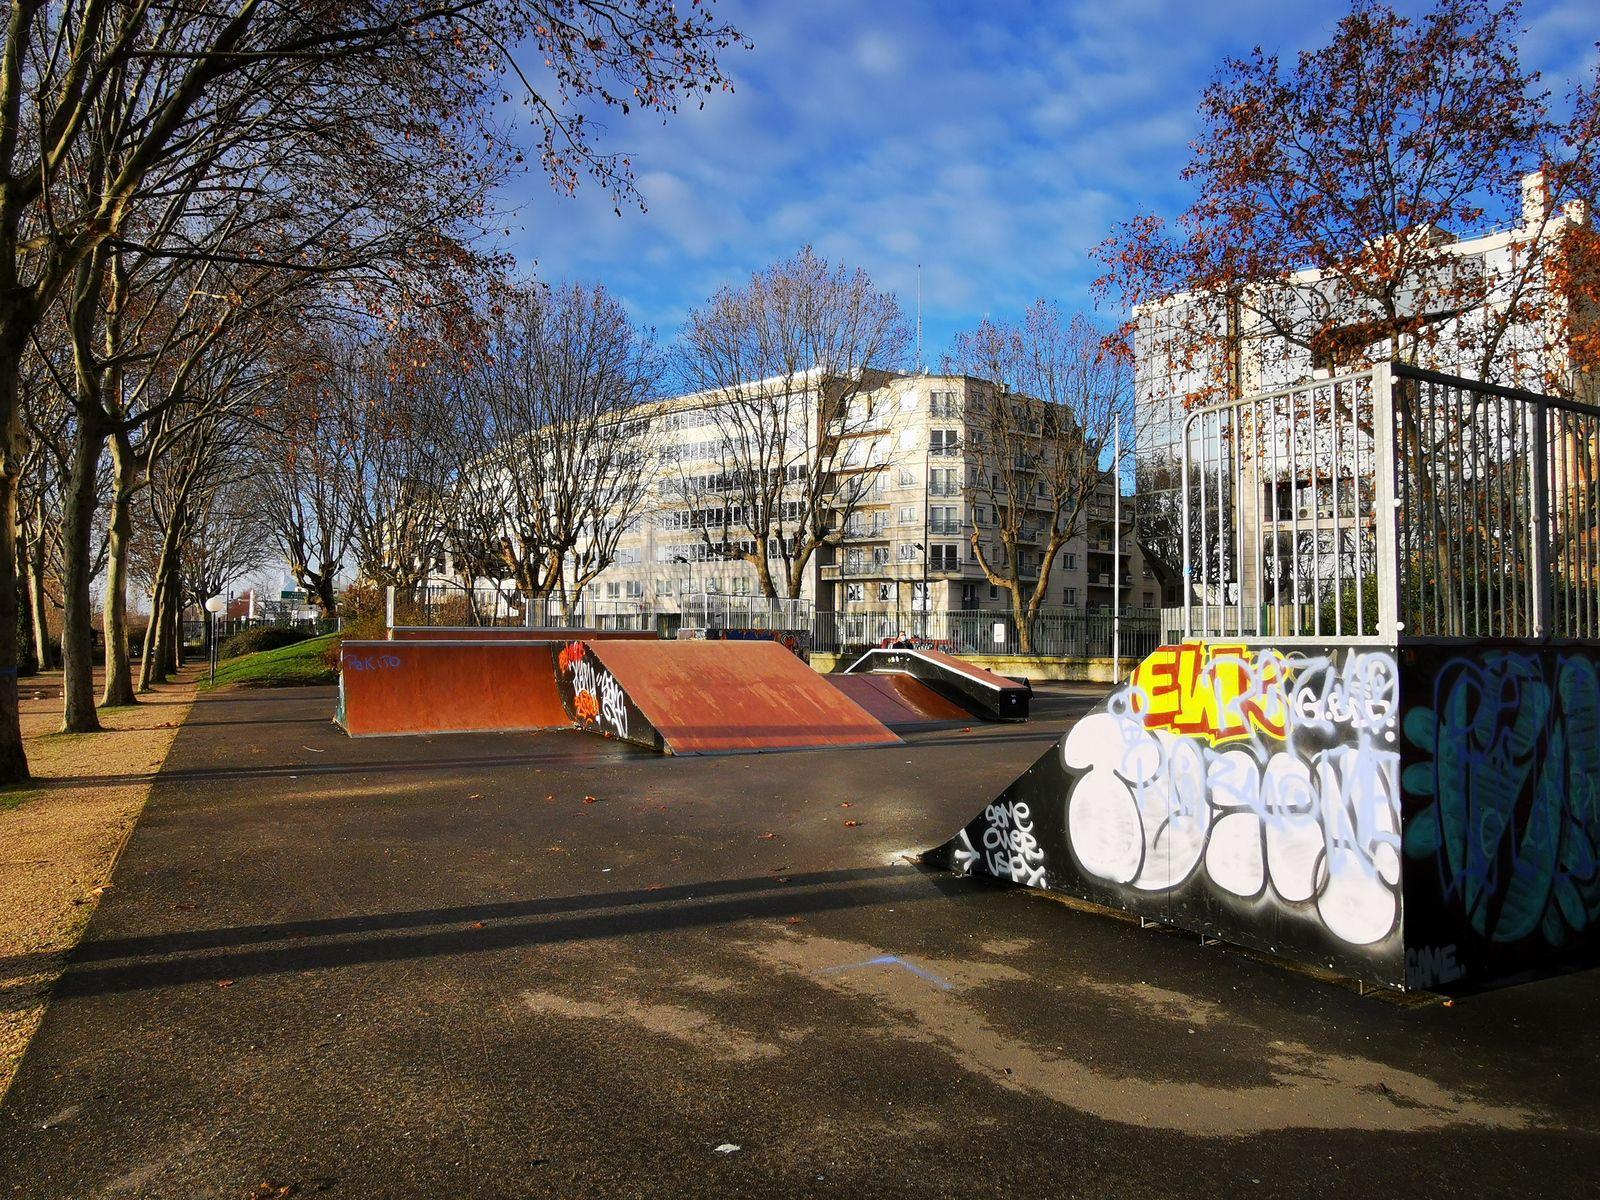 Parc Robinson à Asnières-sur-Seine et son skate park